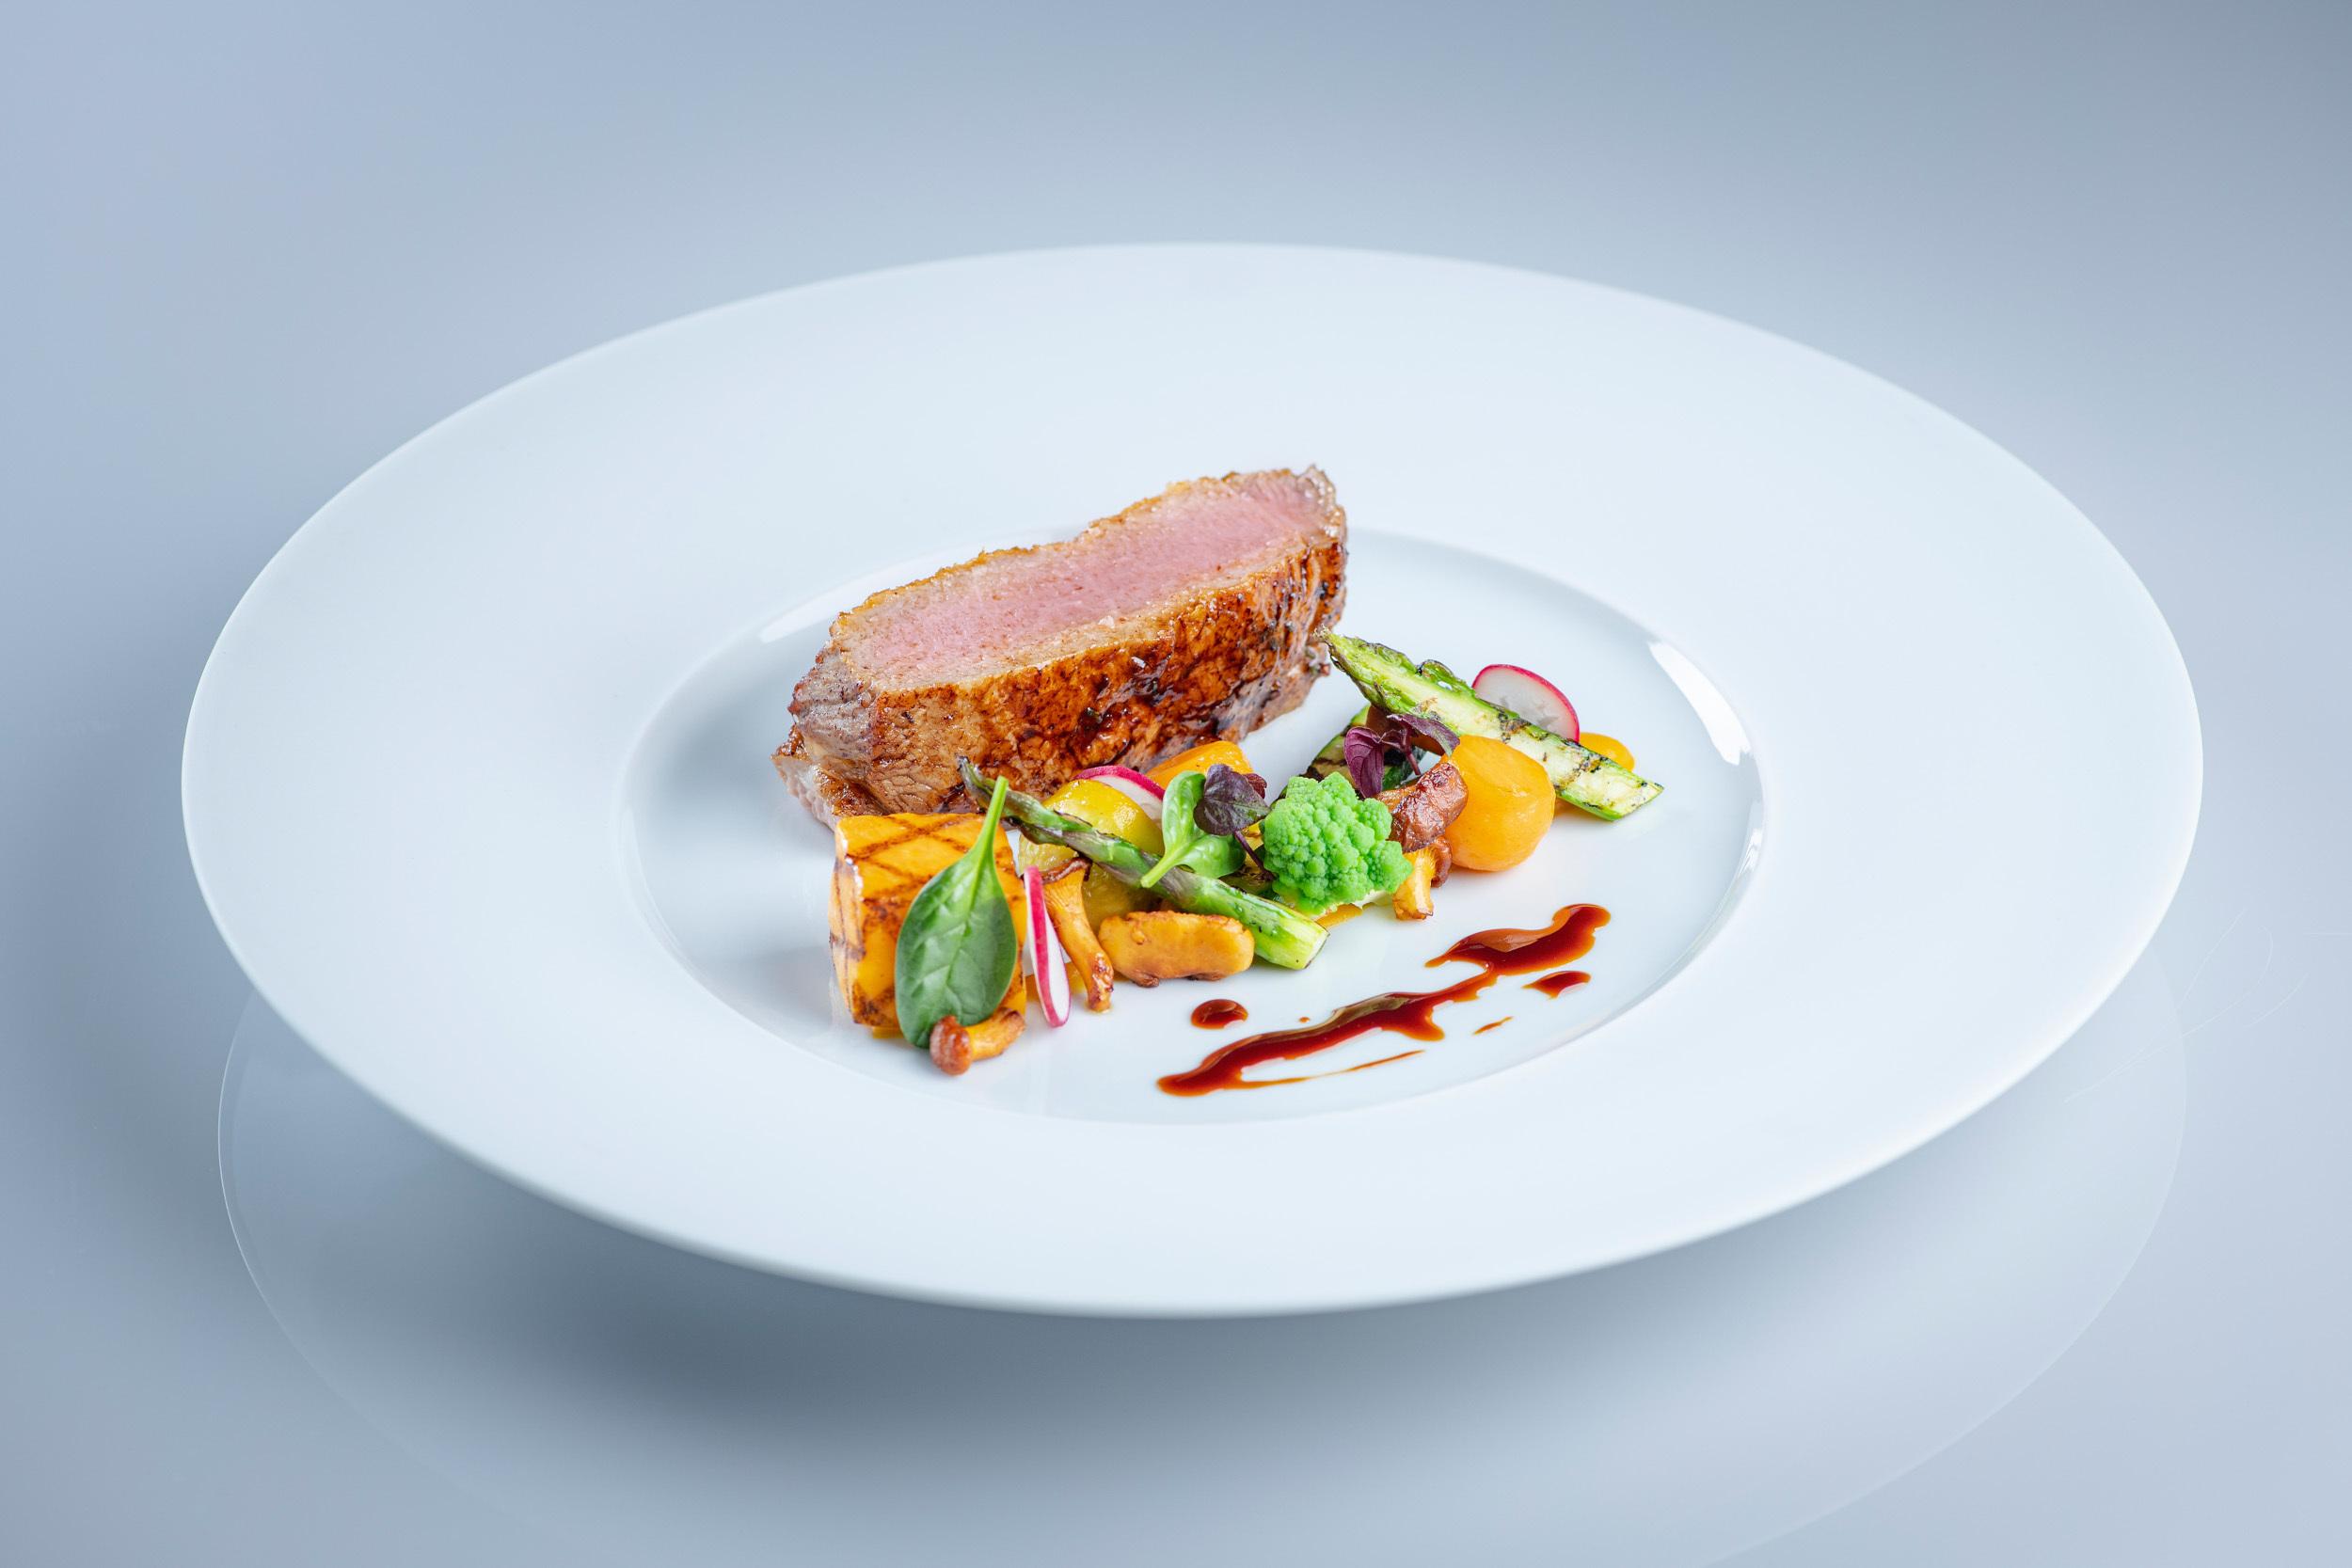 Grand Restaurant - Suvretta House Slide 6